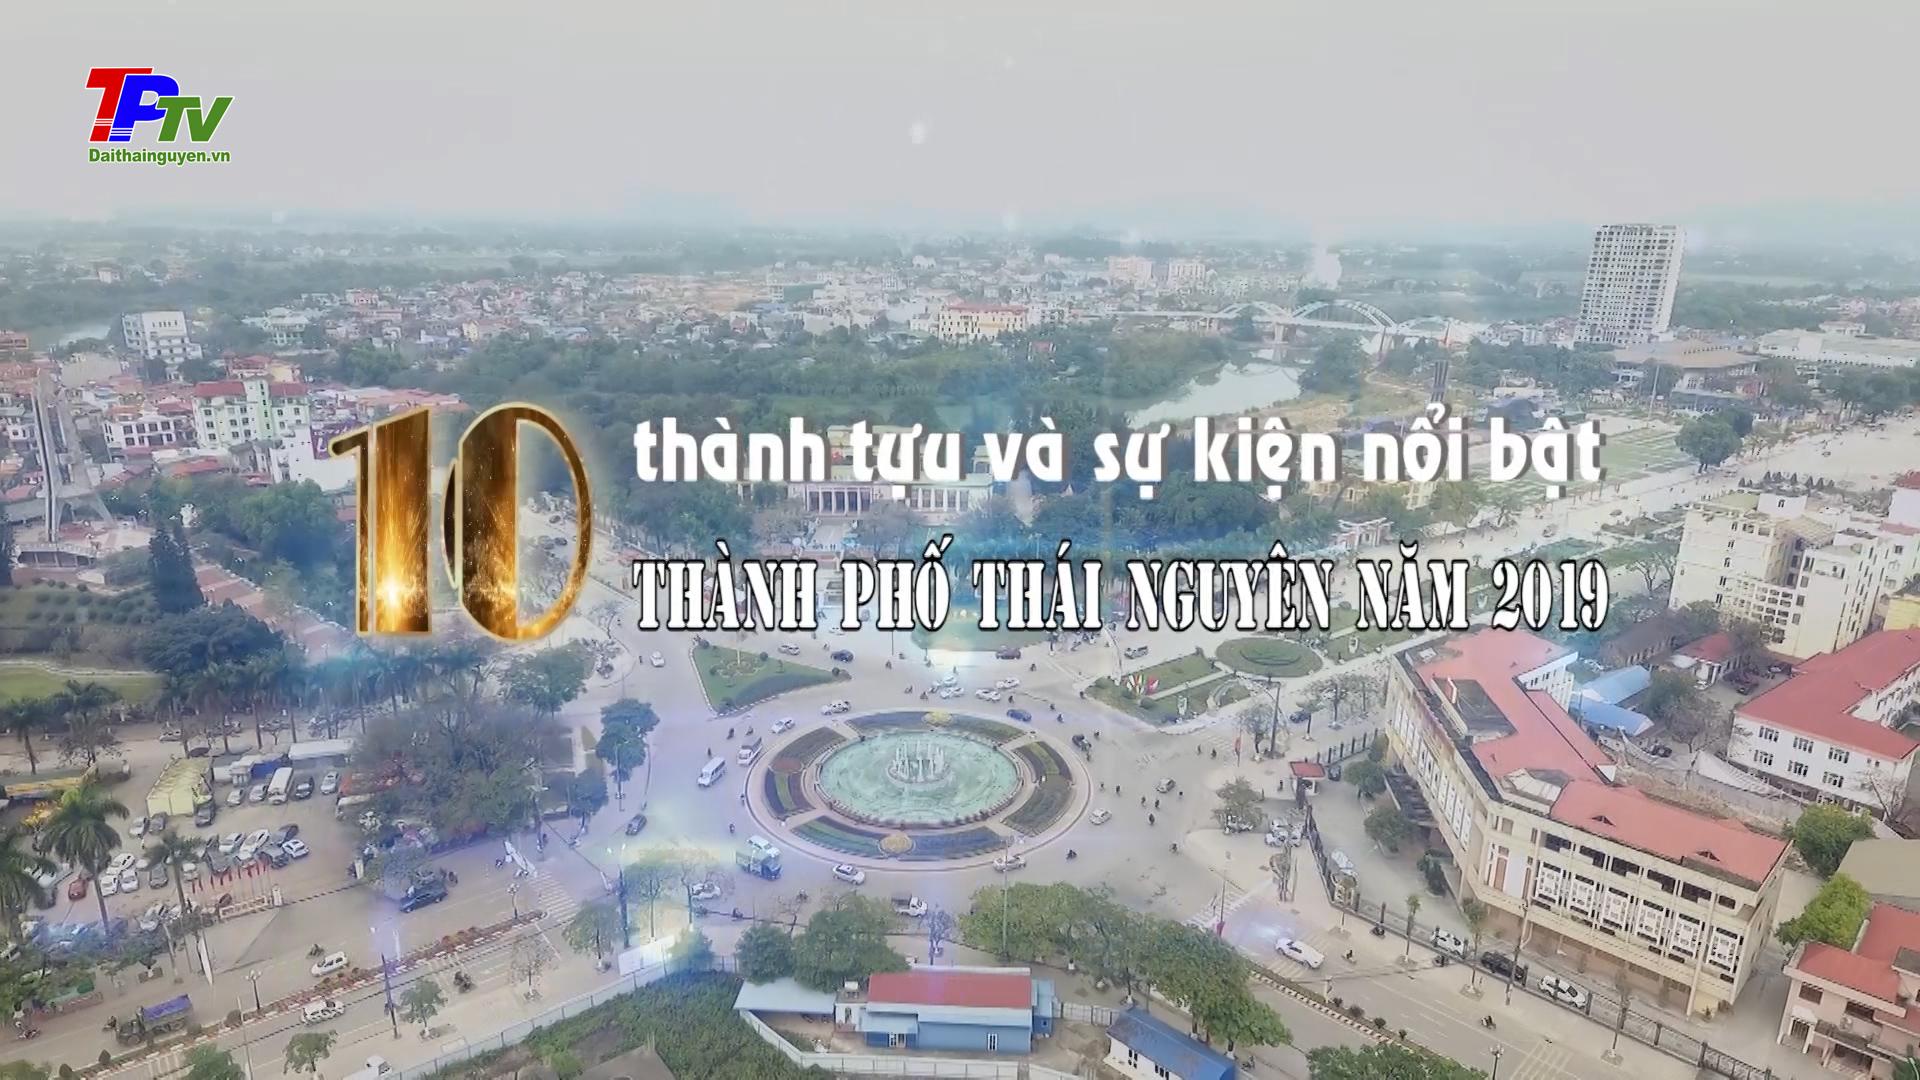 10 thành tựu và sự kiện nổi bật thành phố Thái Nguyên năm 2019.